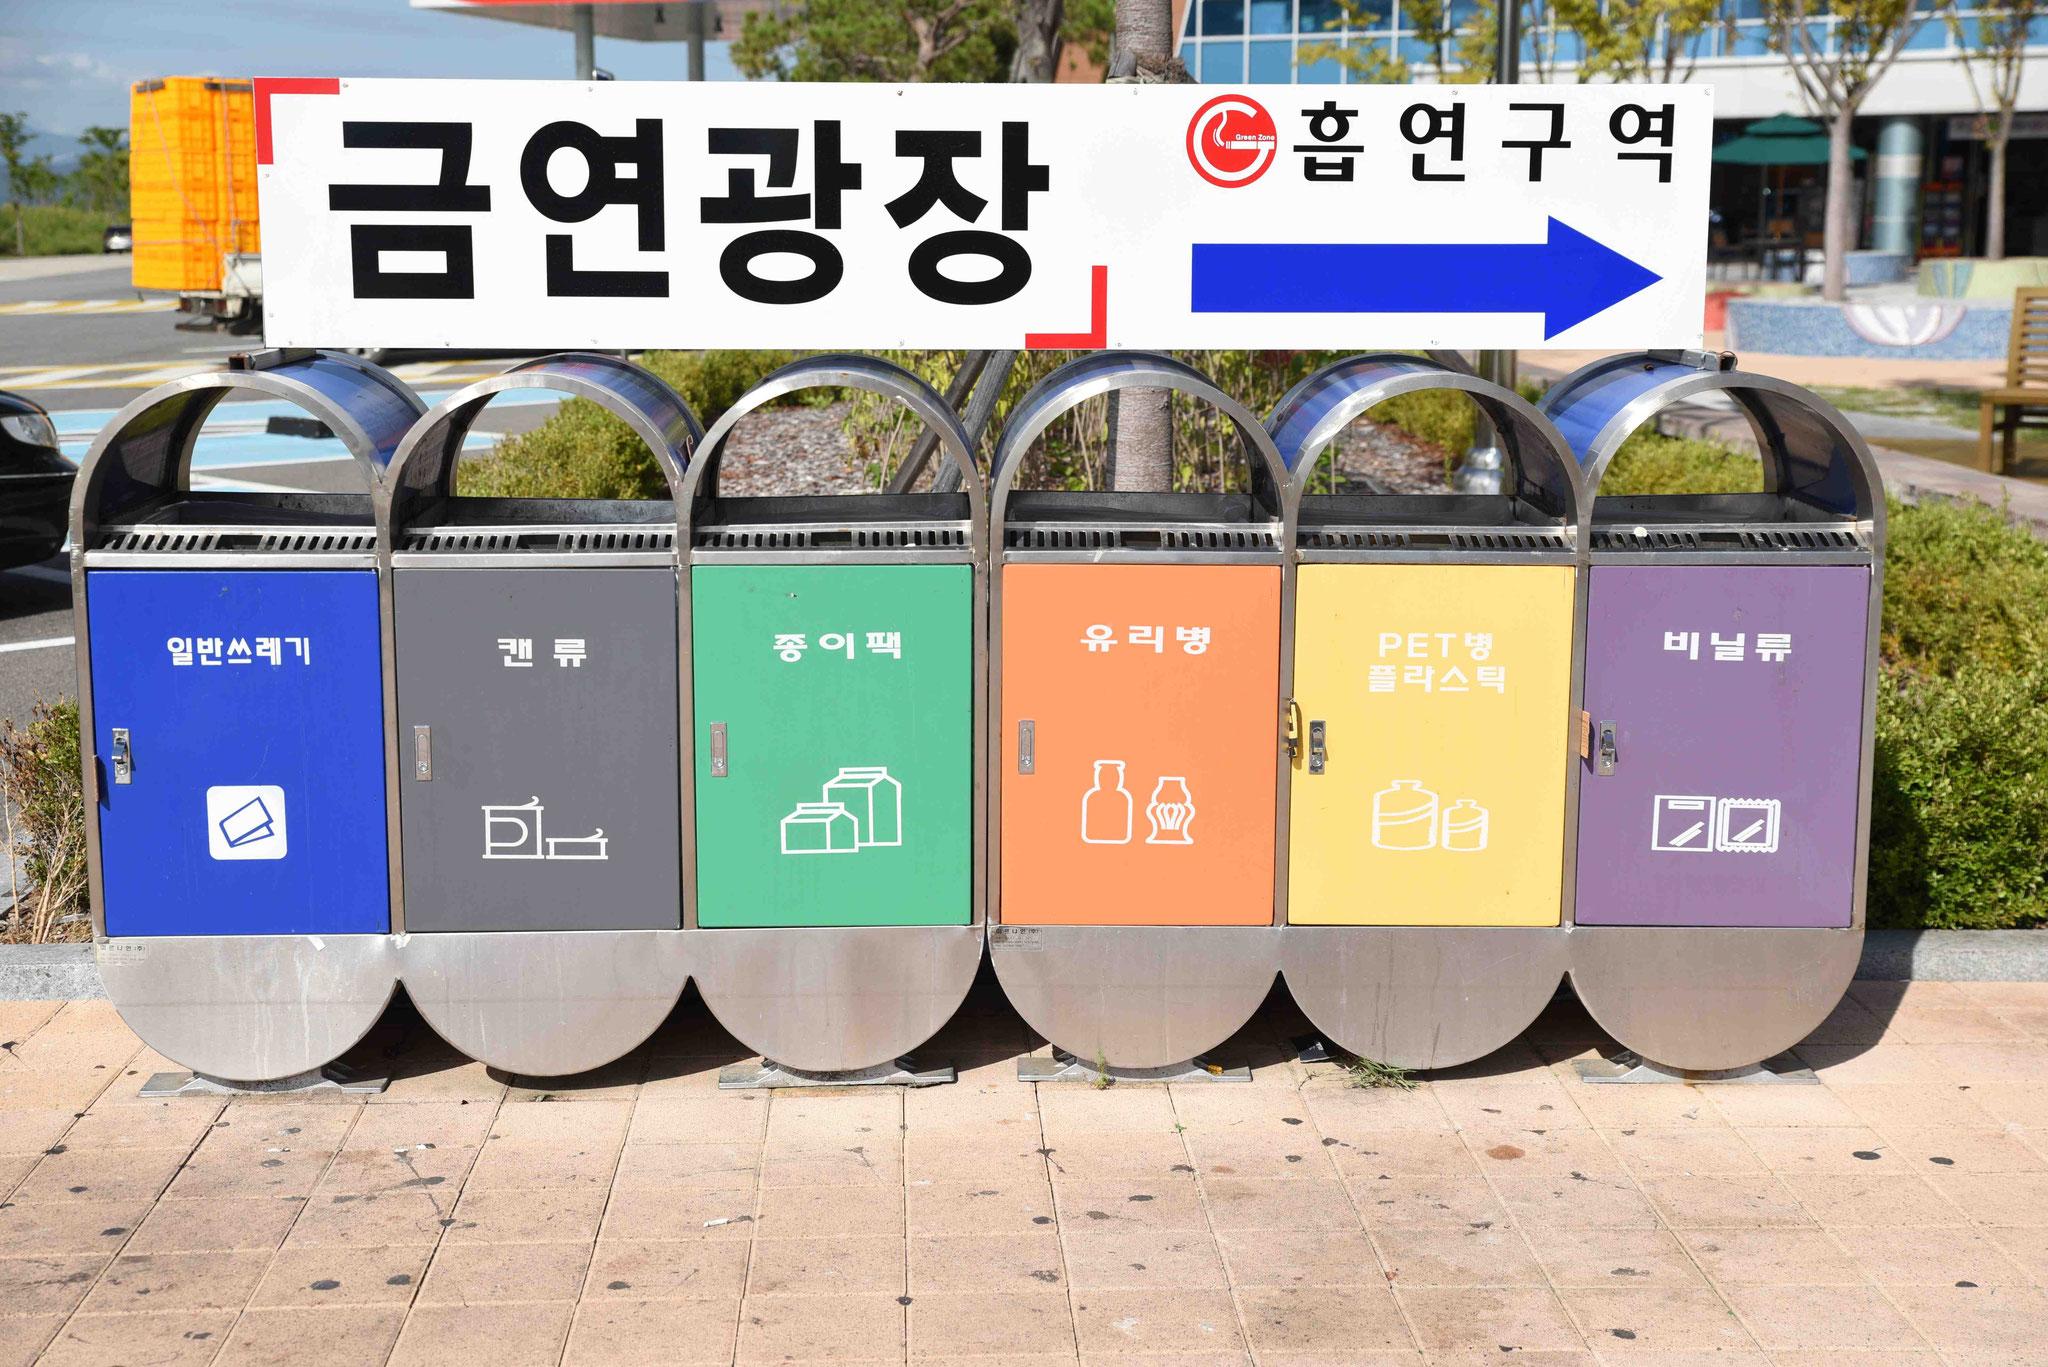 Mülltrennung auf koreanische Art